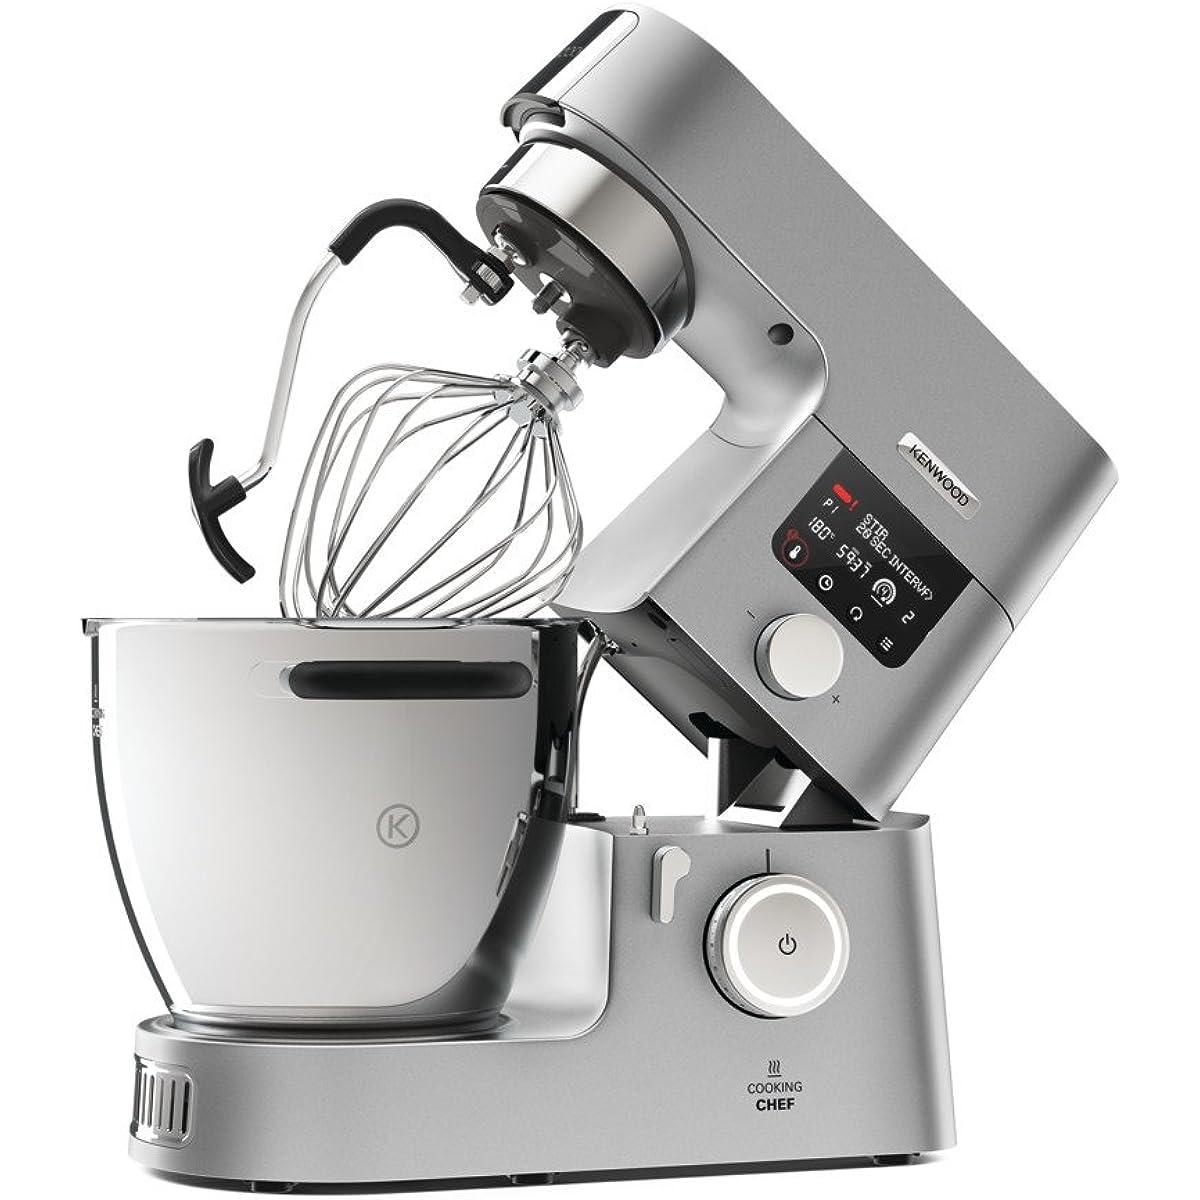 Küchenmaschinen mit Kochfunktion sind in ganz unterschiedlichen Preisklassen erhältlich.